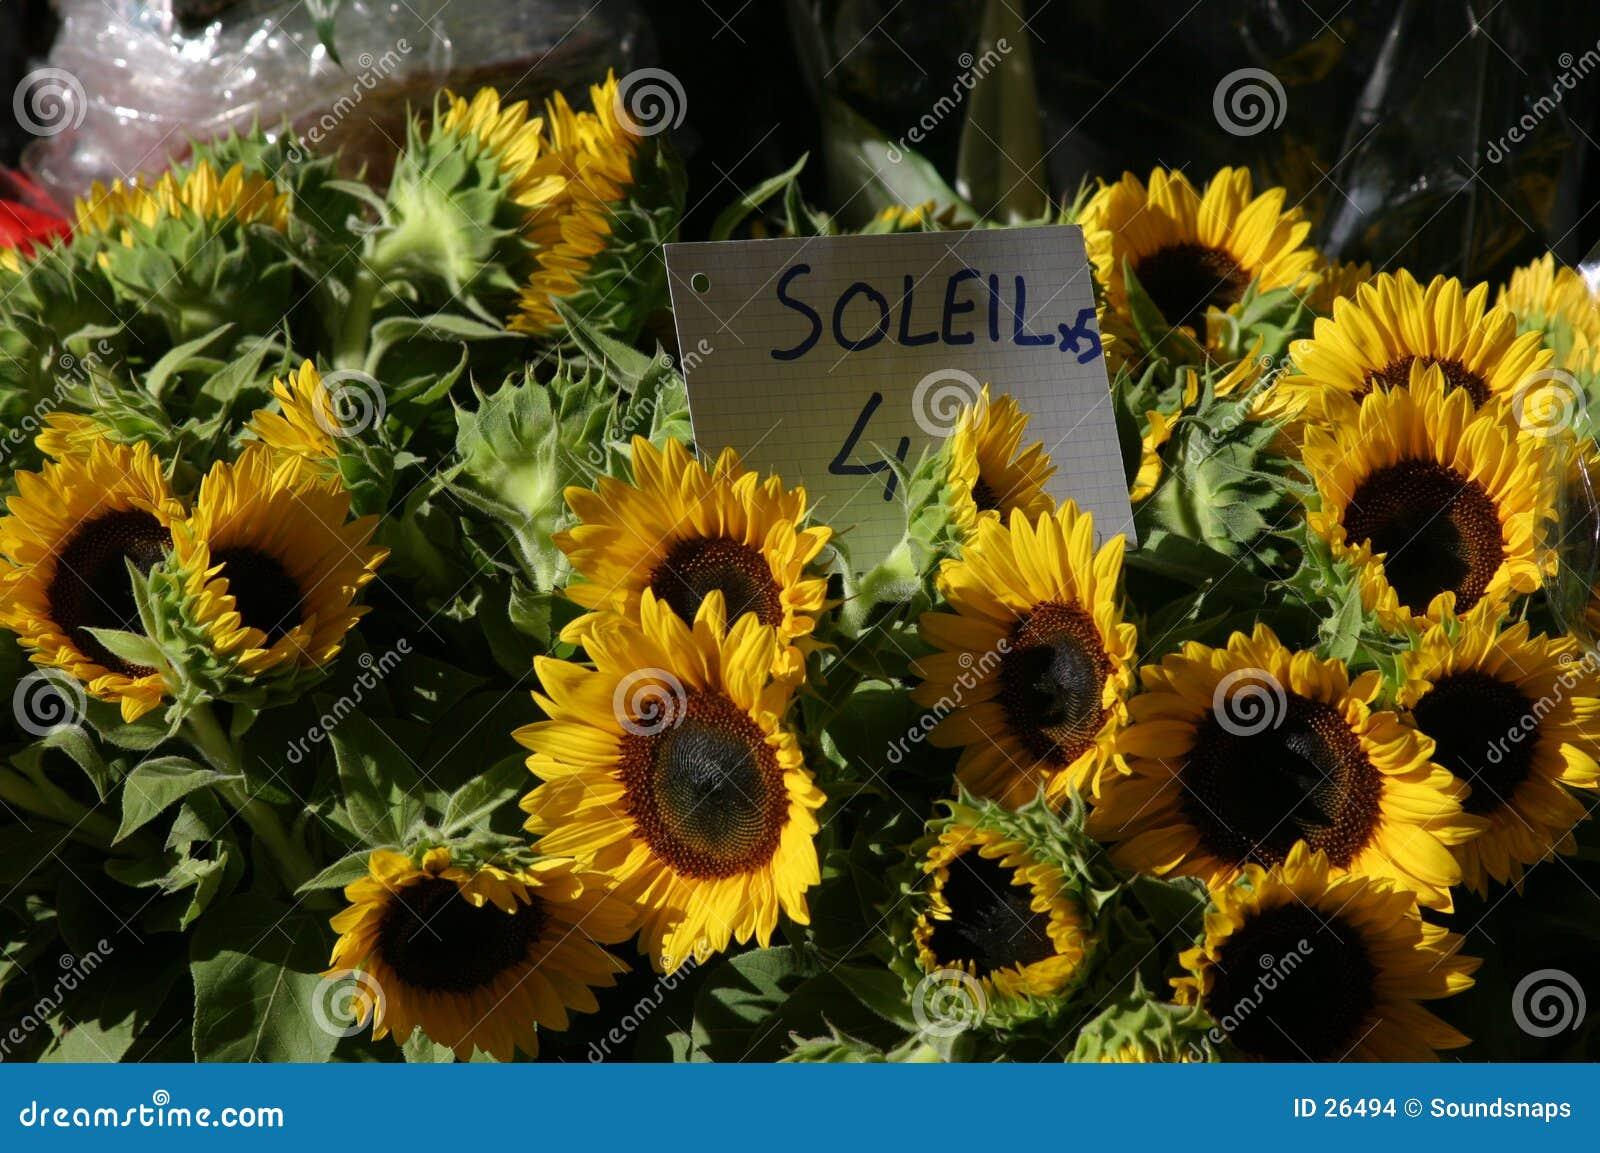 Sonnenblumen im Markt